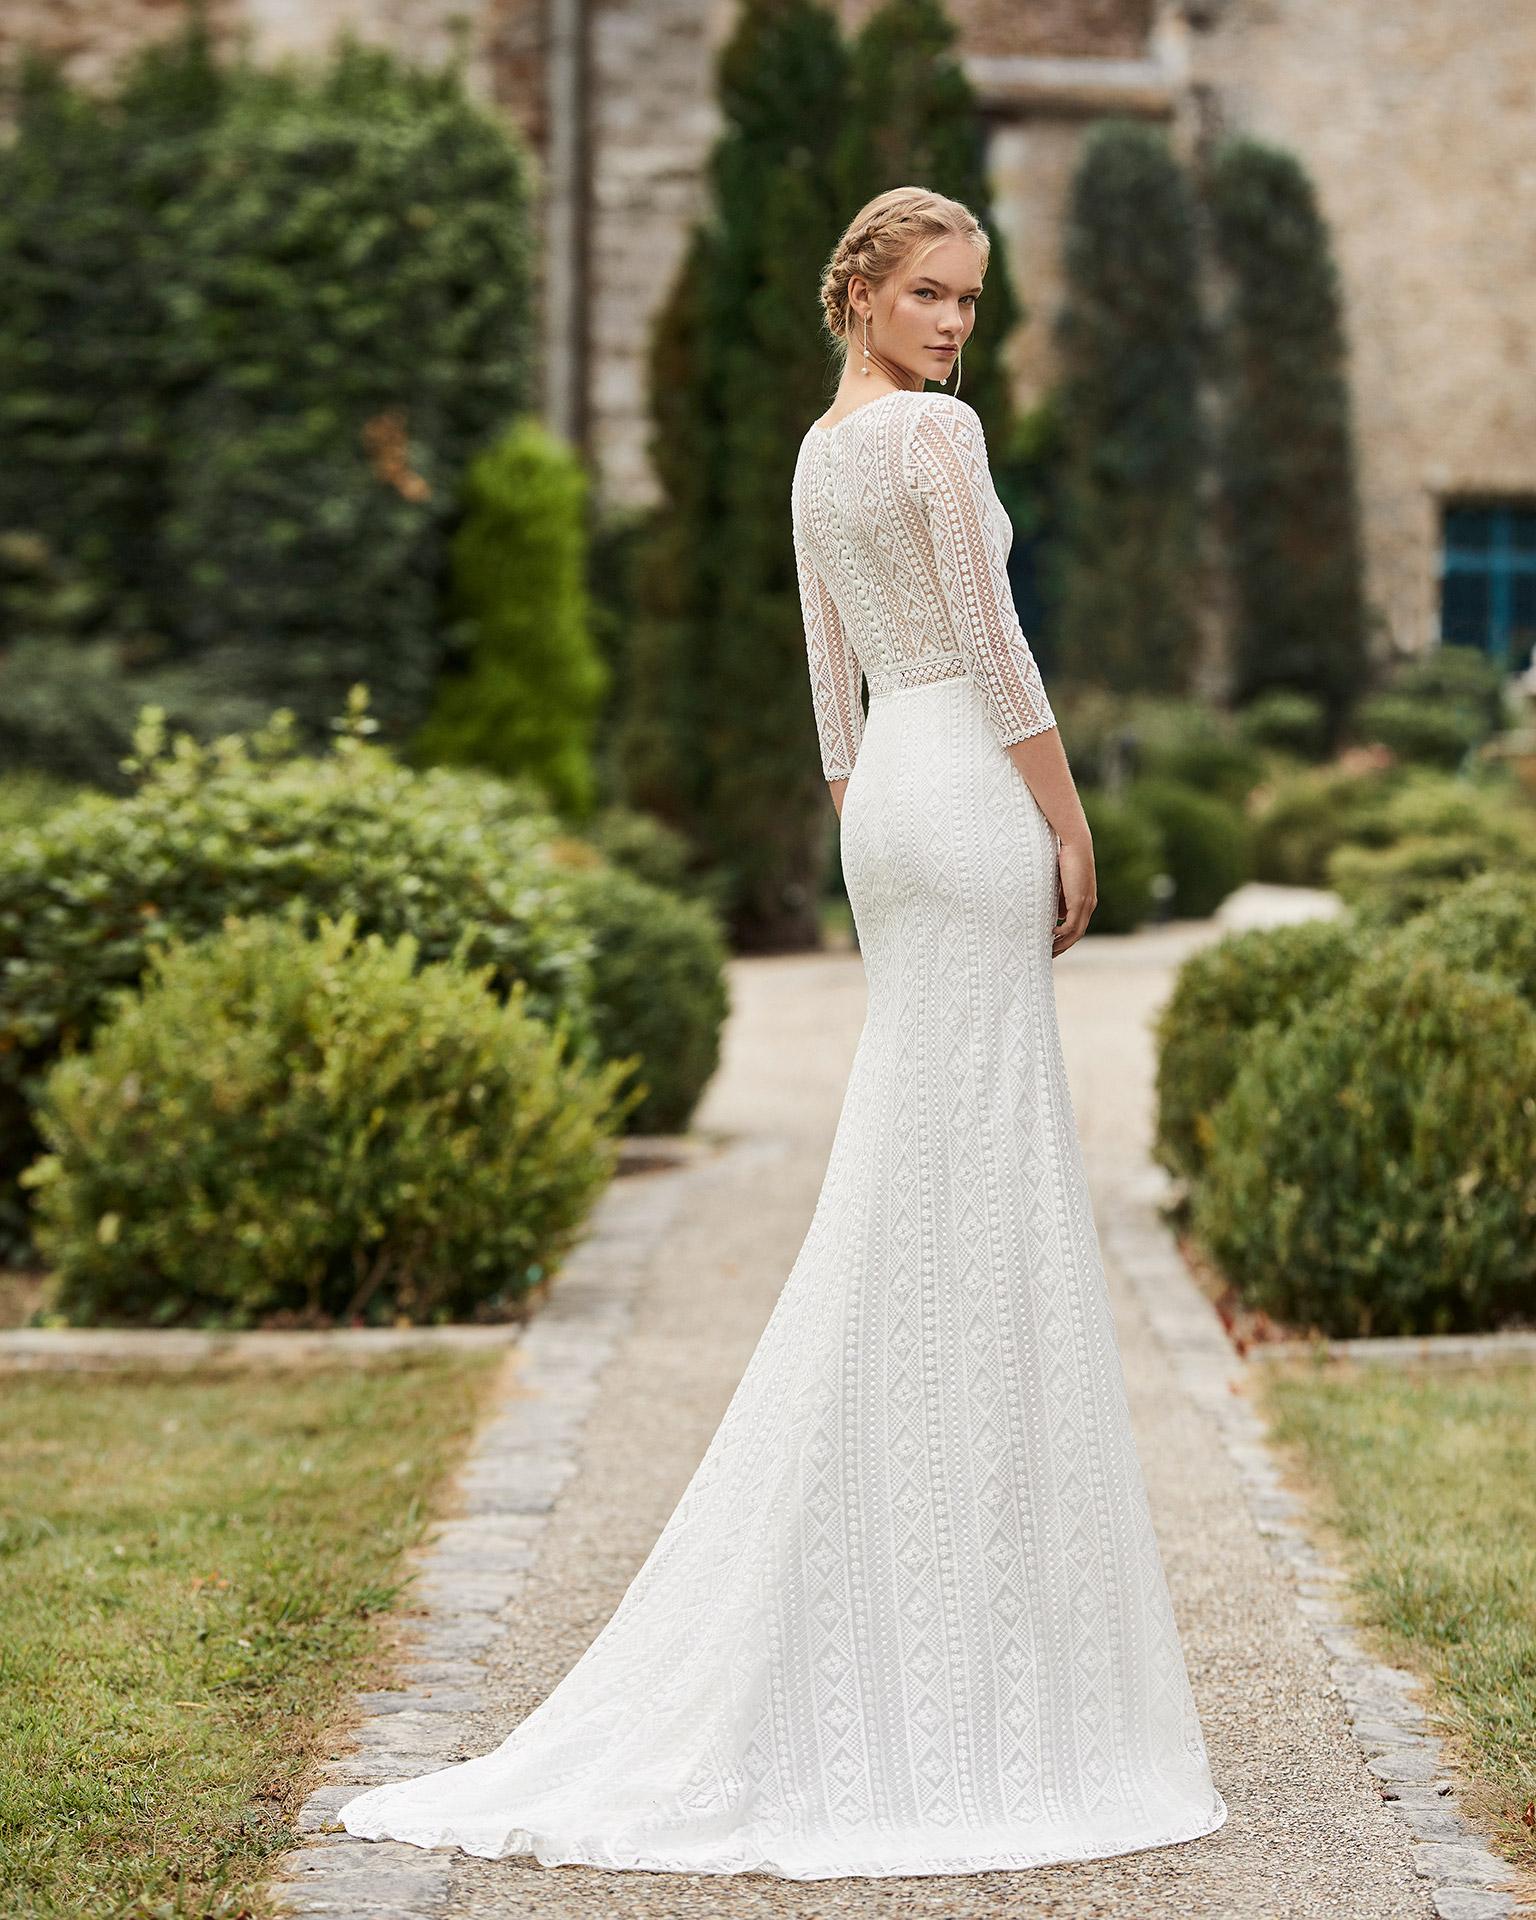 Vestido de novia de encaje. Escote en V, manga tres cuartos de encaje, cinturón de encaje y pedrería y espalda cerrada de encaje. Colección ALMANOVIA 2021.